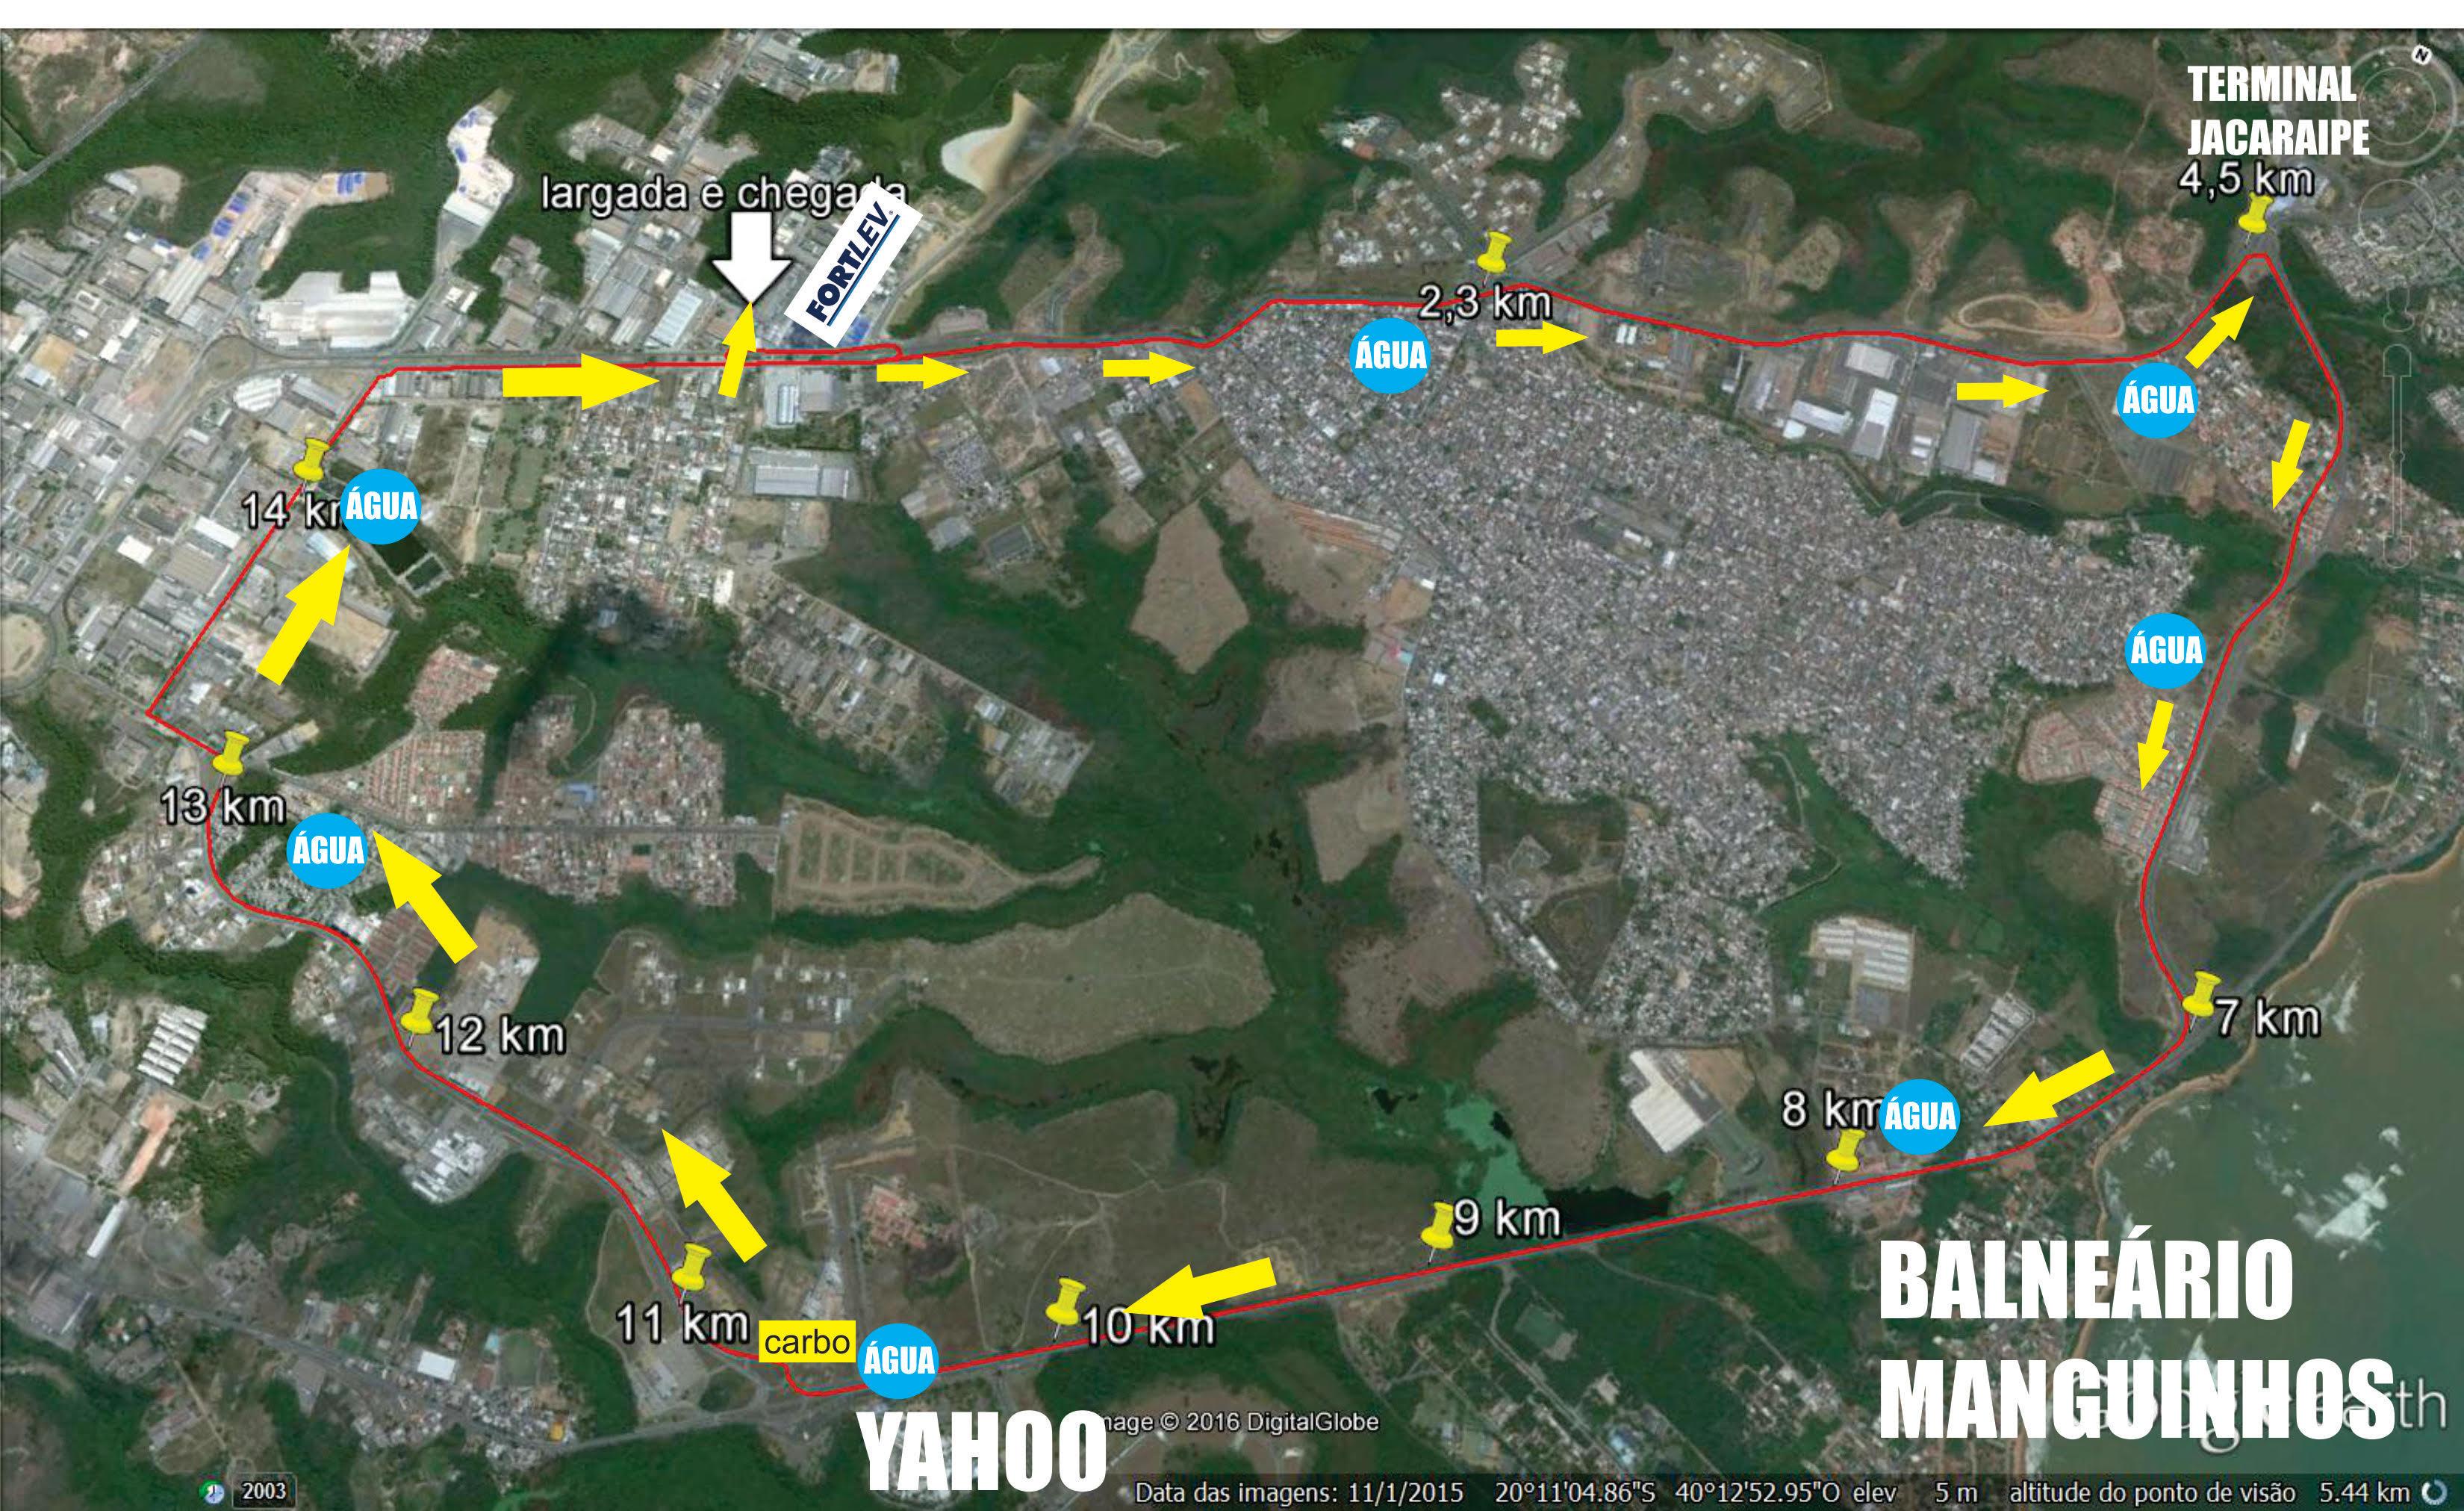 Percurso 16km